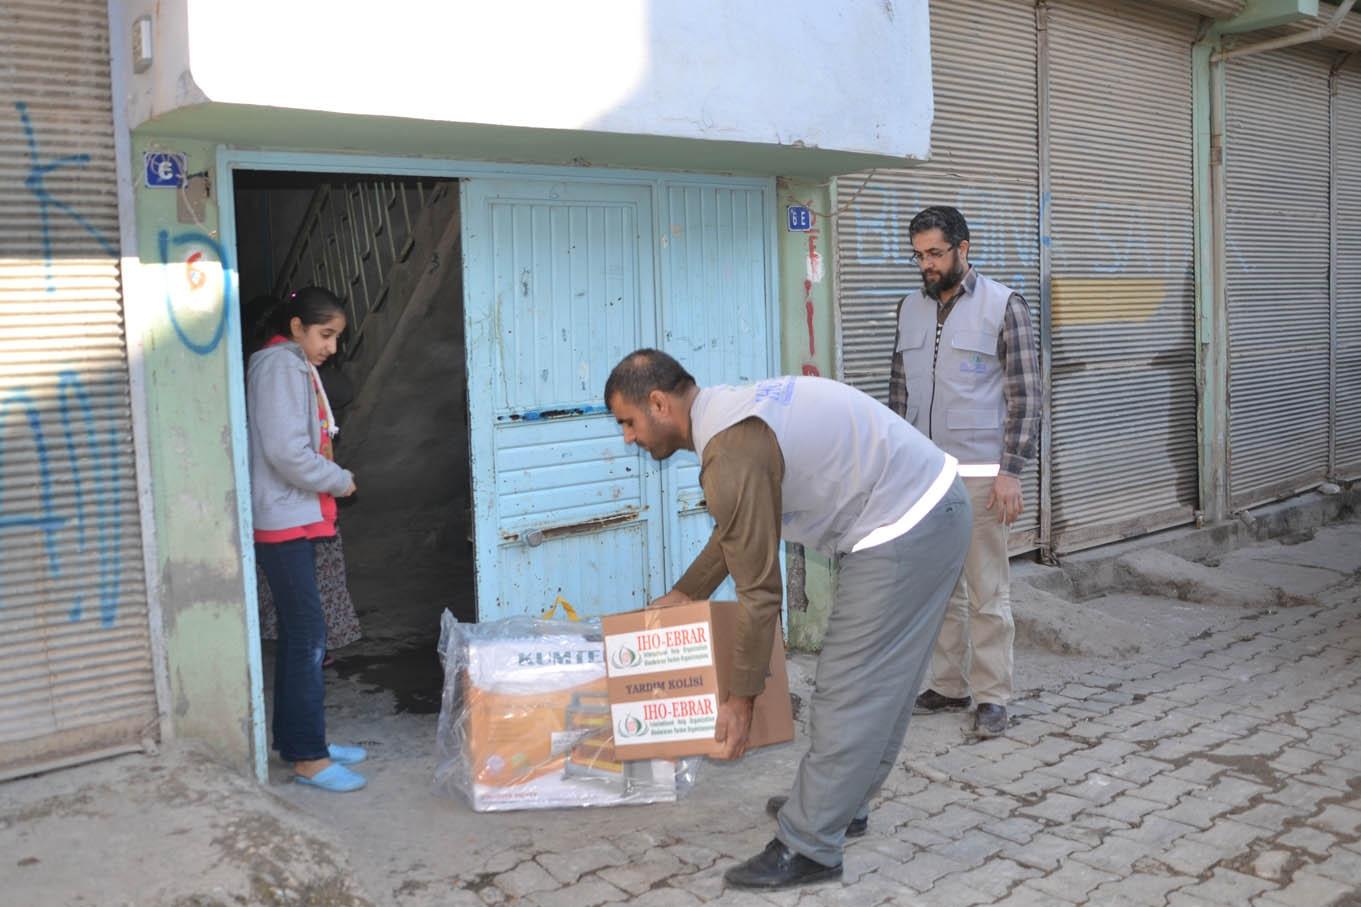 IHO EBRAR Viranşehir'de yardım dağıttı